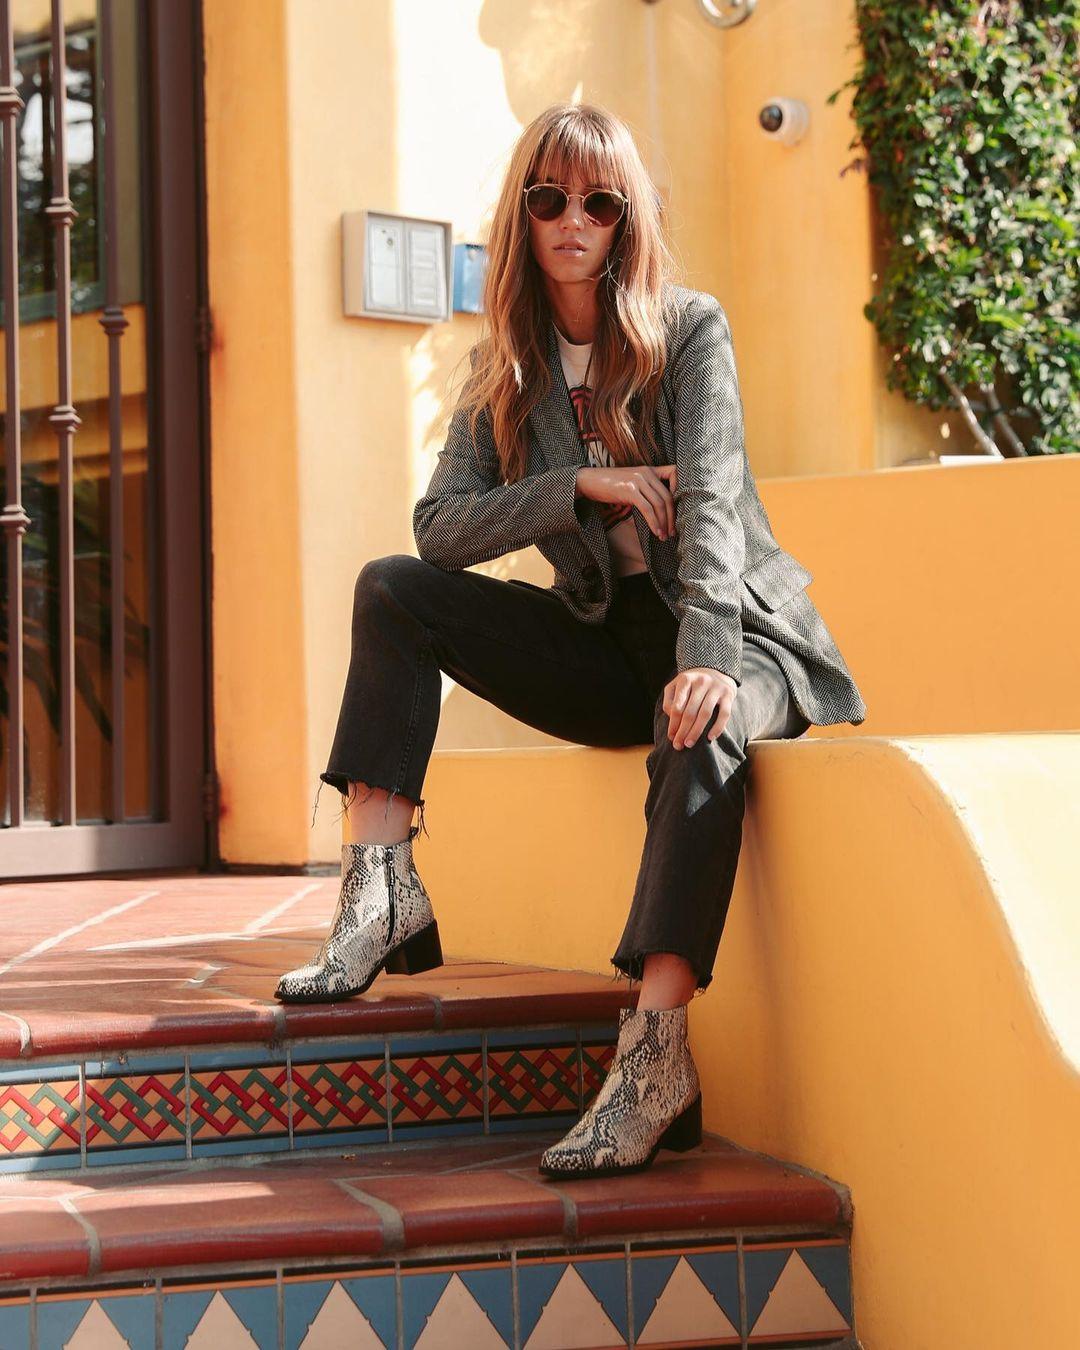 Rachel-Faulkner-Wallpapers-Insta-Fit-Bio-4